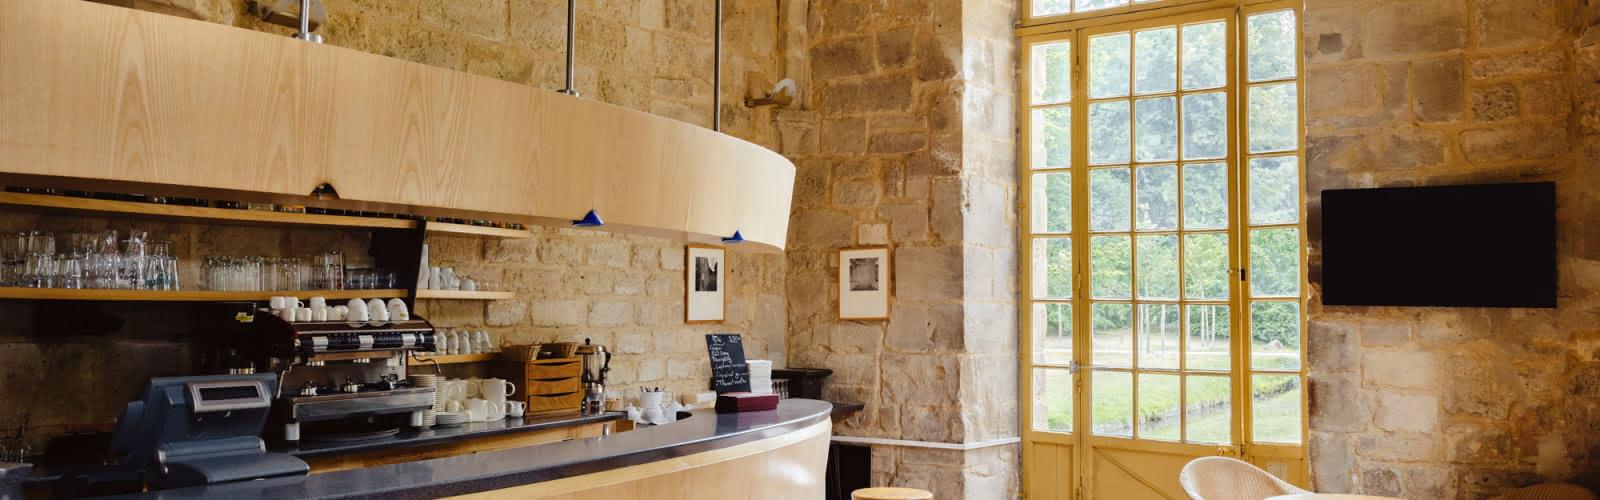 Bar & salon de thé à Royaumont